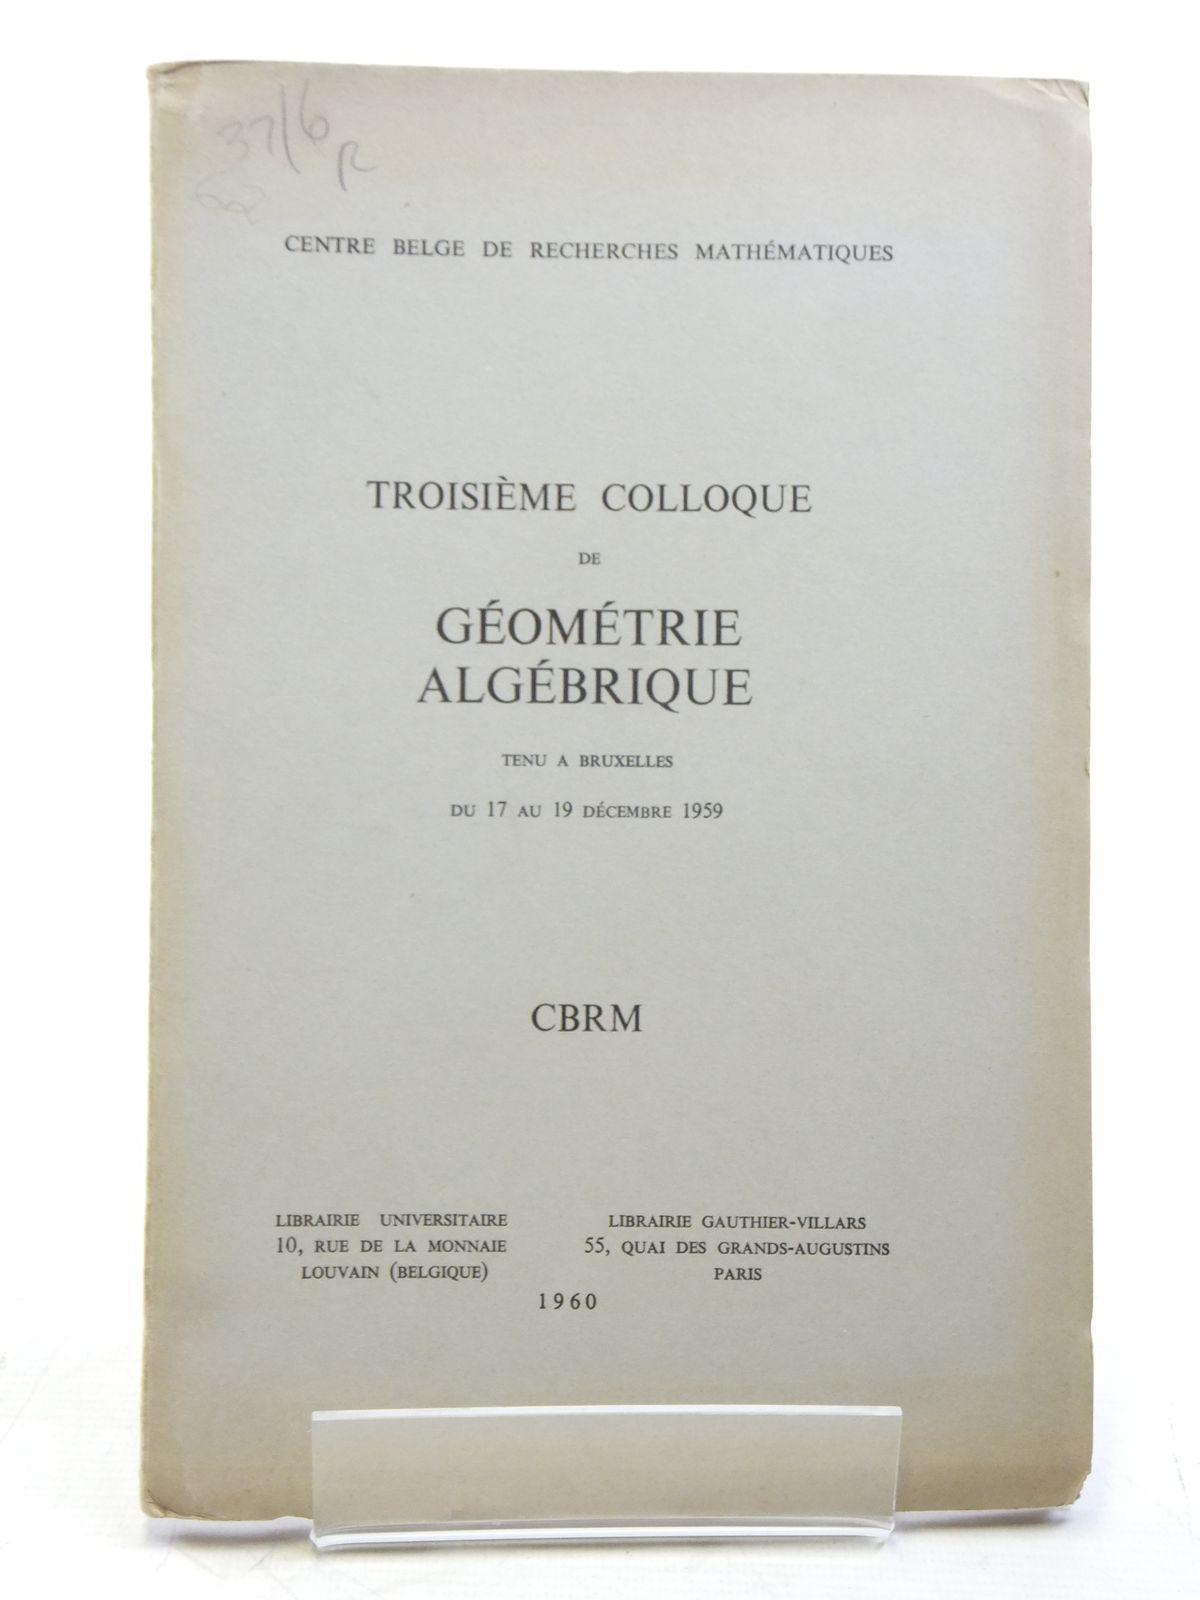 Groupes de Monodromie en Geometrie Algebrique